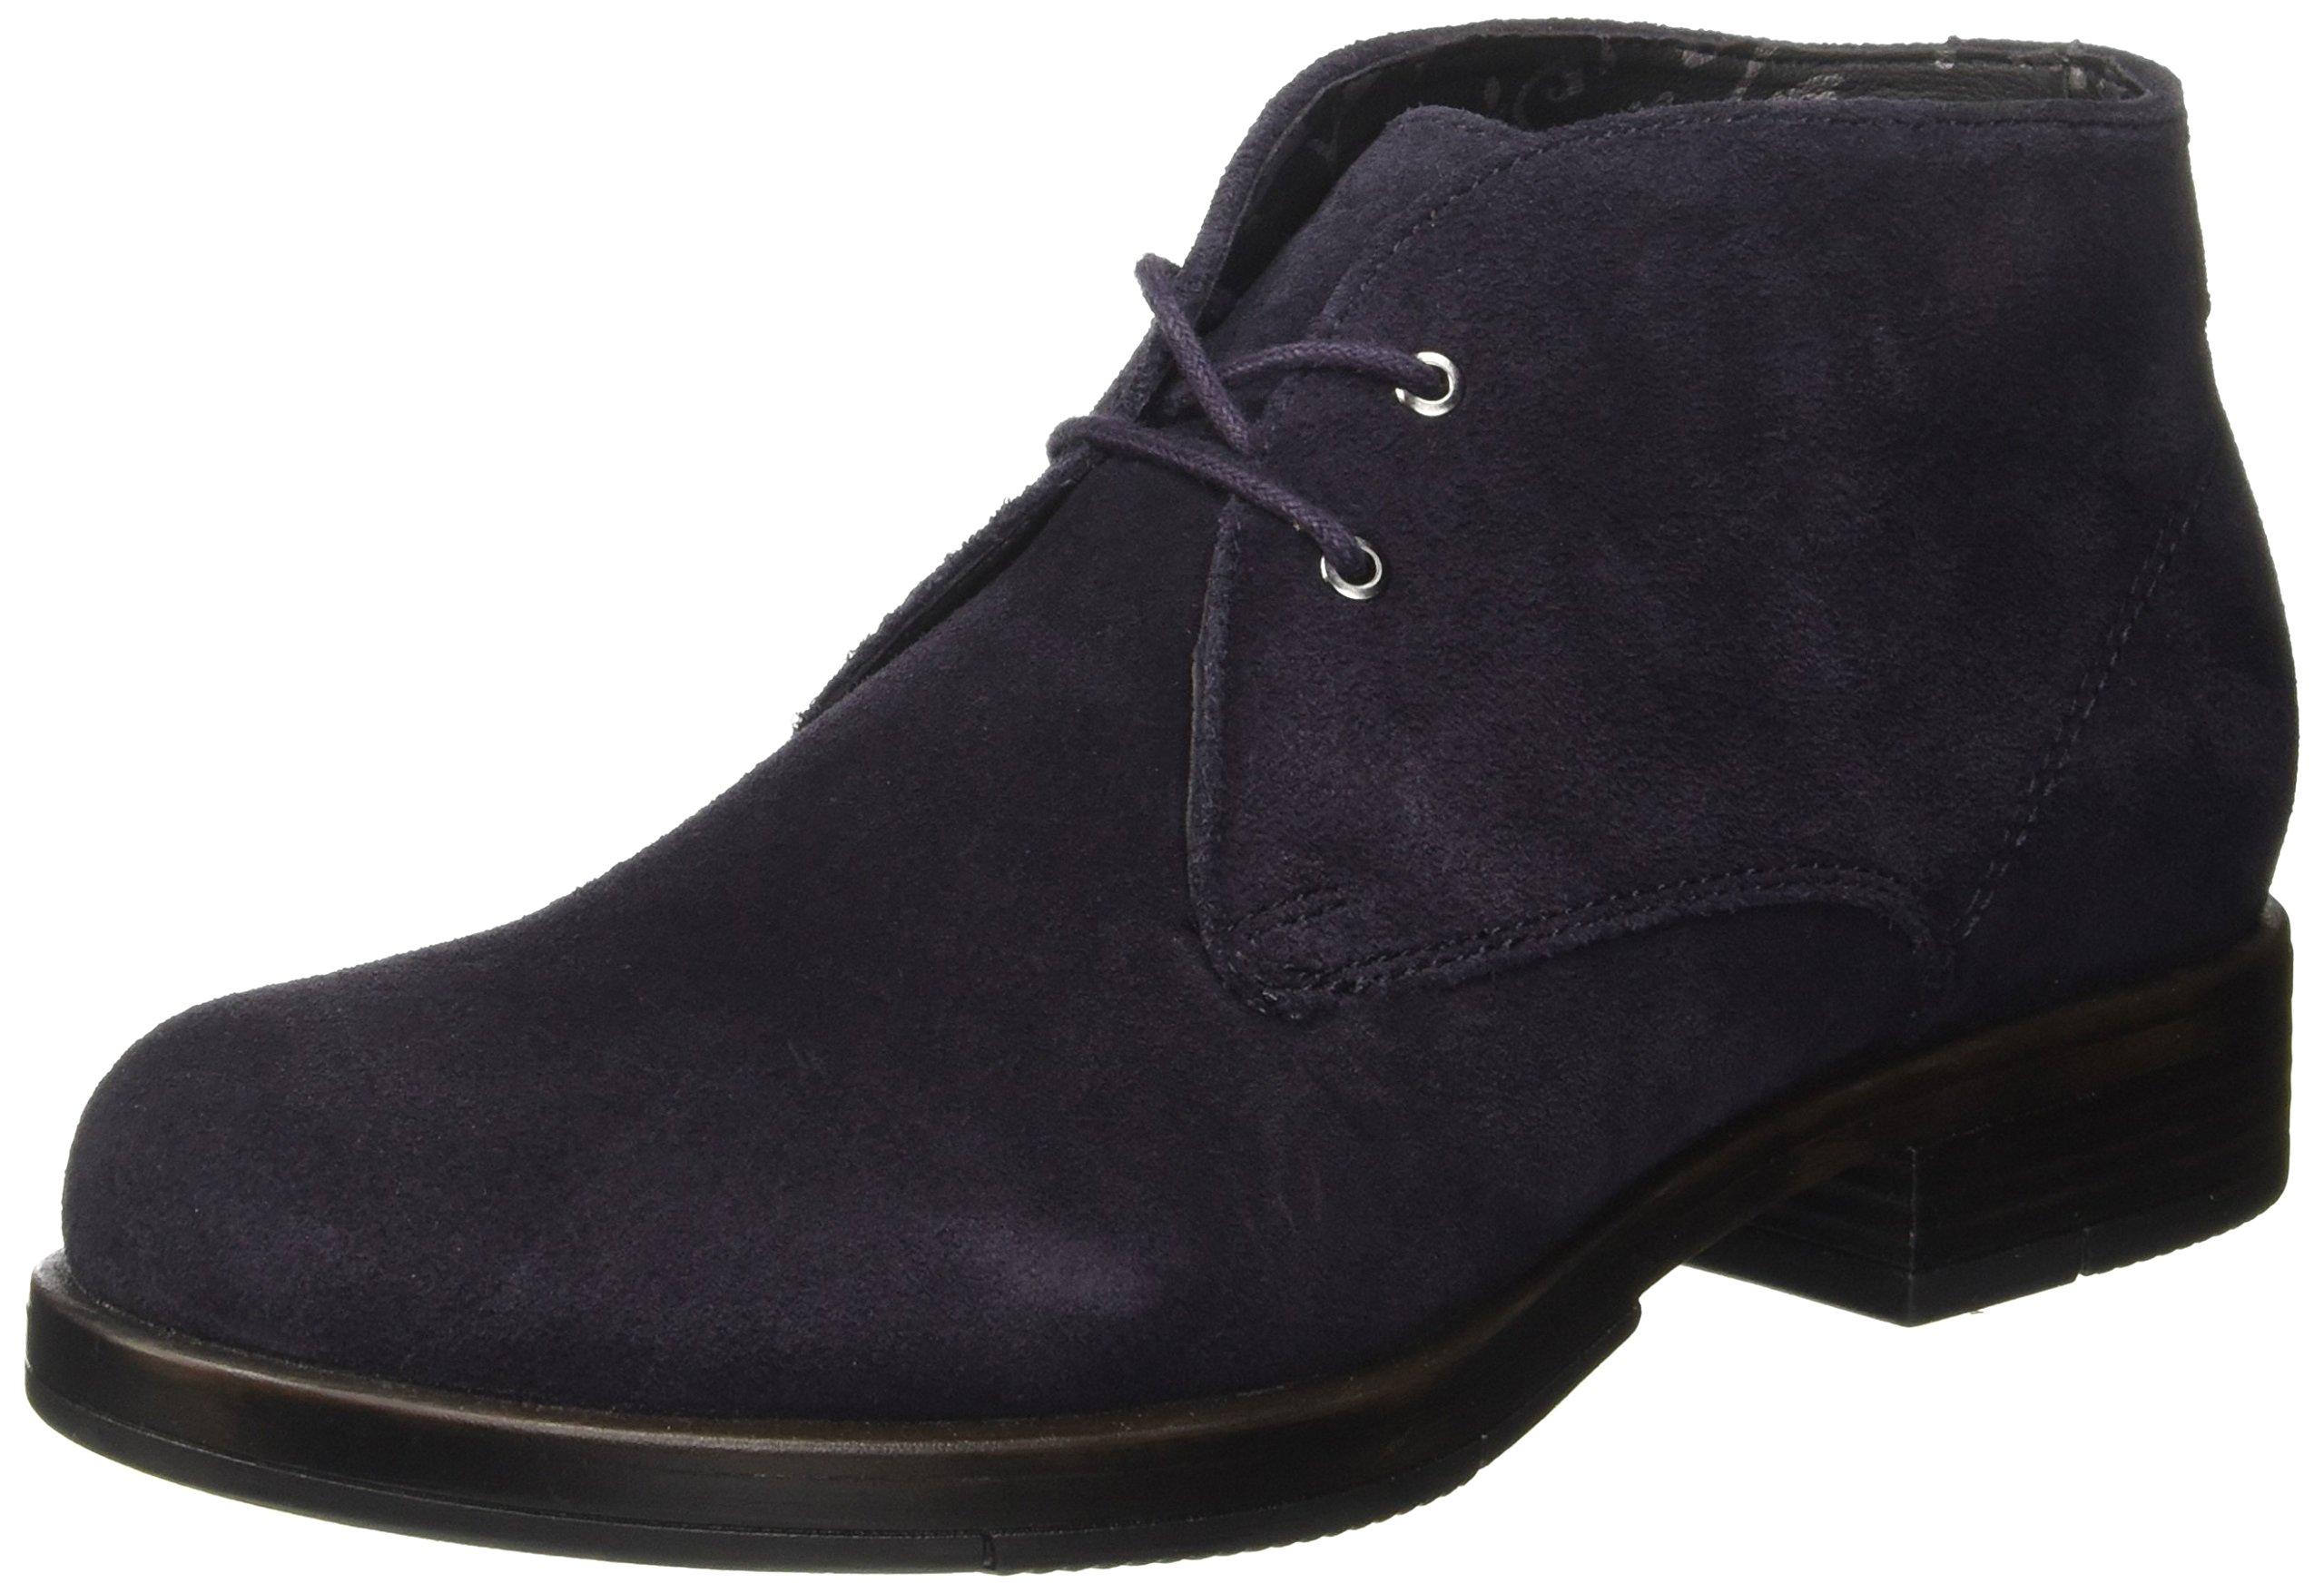 Blue Boots polo Dkbl35 s AssnSally FemmeBleudark SuedeDesert U Eu hdBrCxsoQt